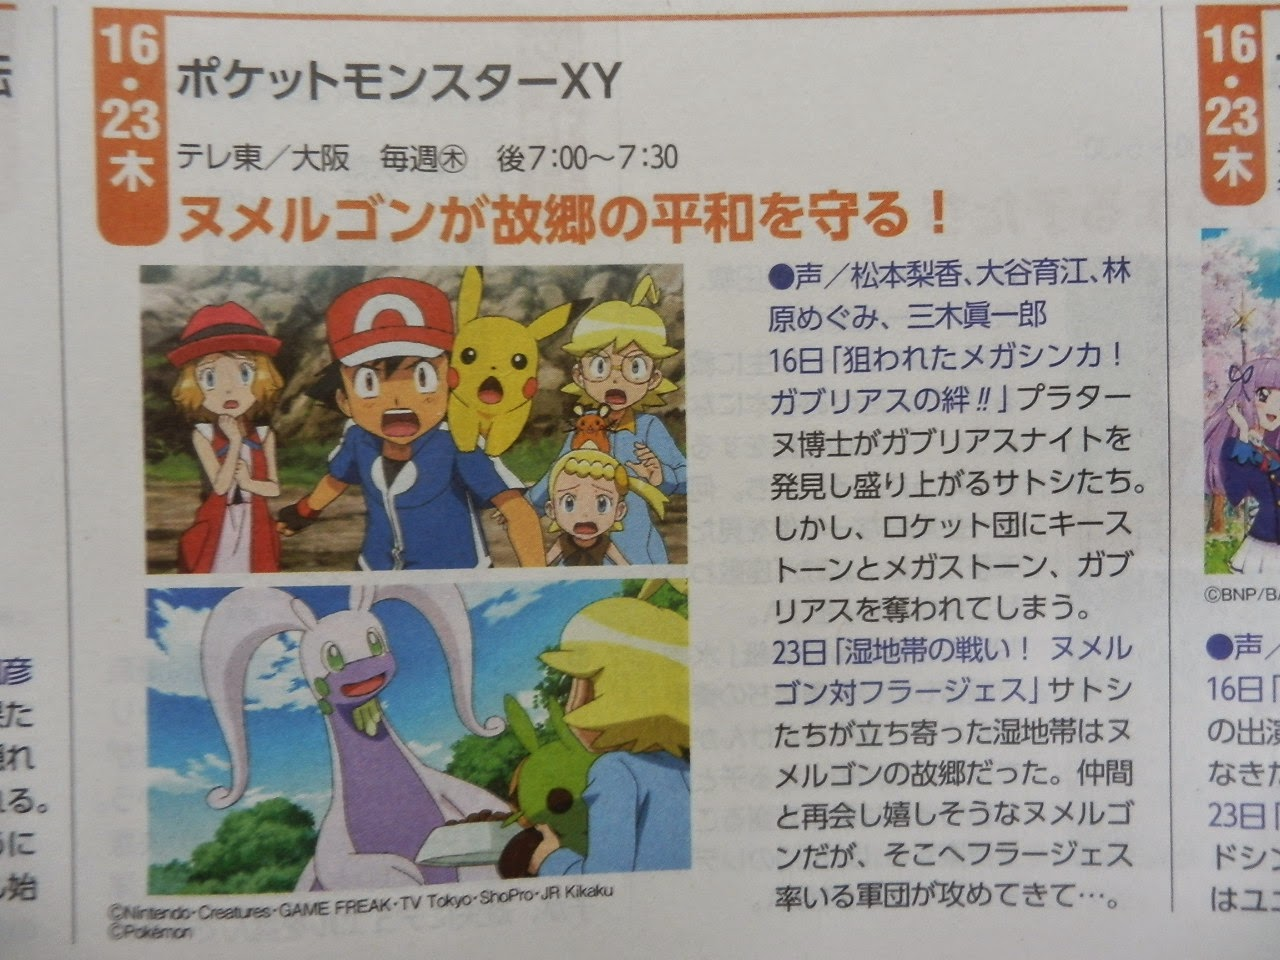 Goodra Vs Florges Pokemon